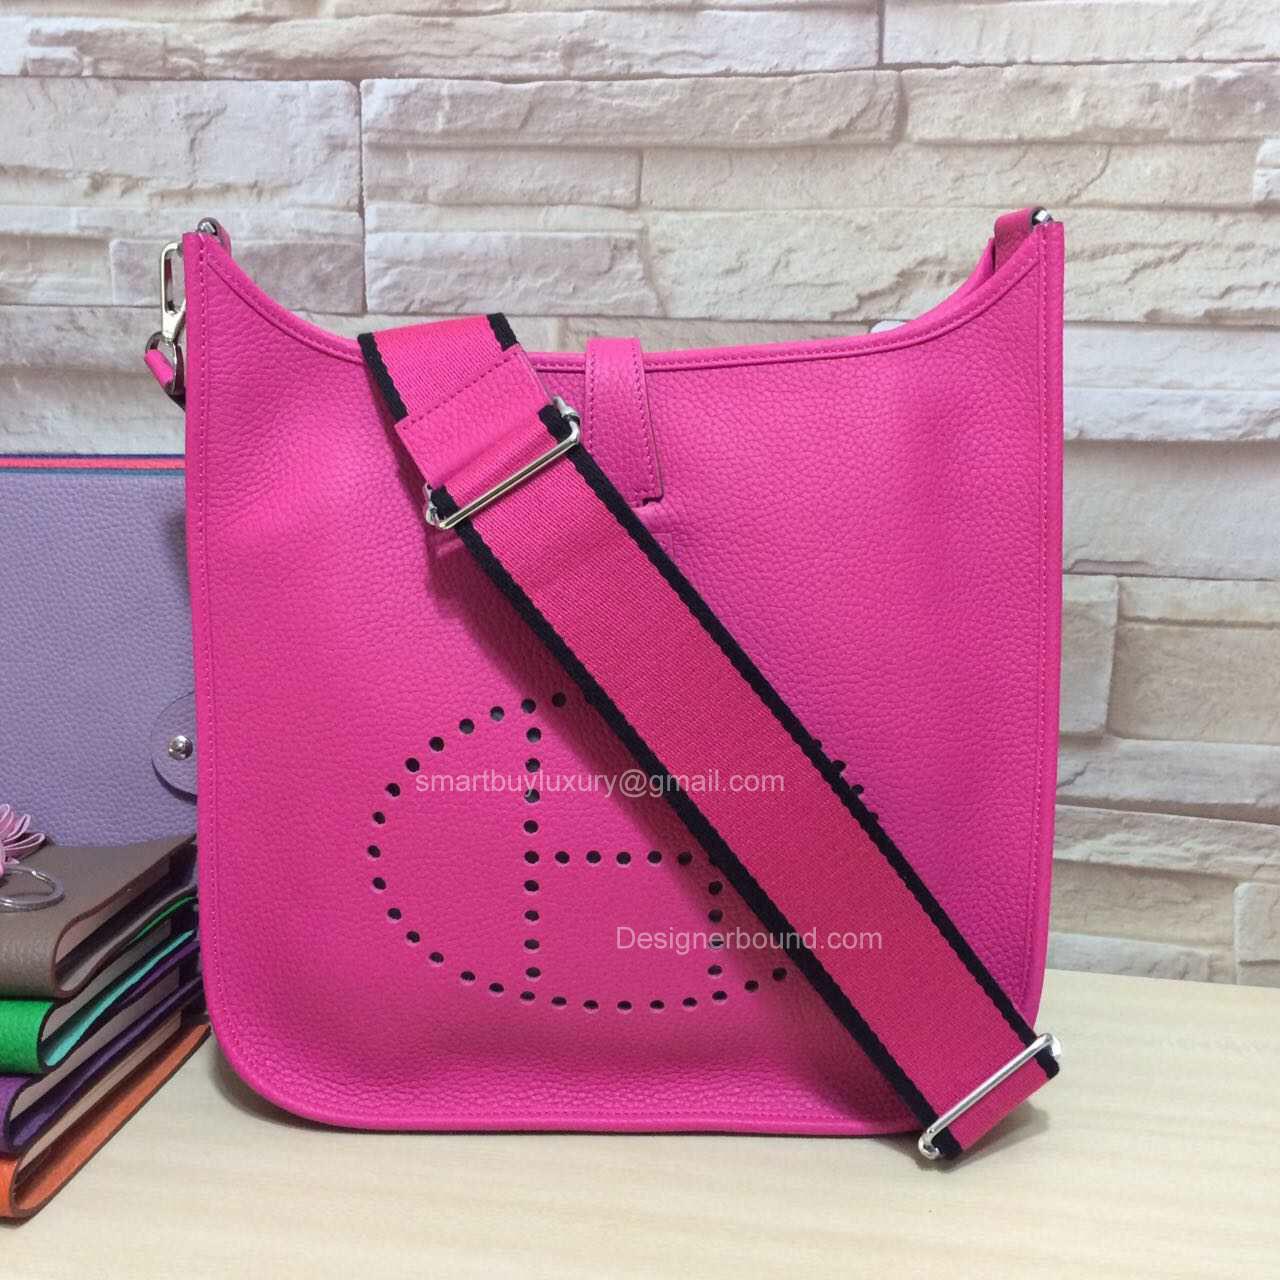 hermes blue birkin bag - Hermes Evelyne III Bag PM in Hot Pink Togo Leather -